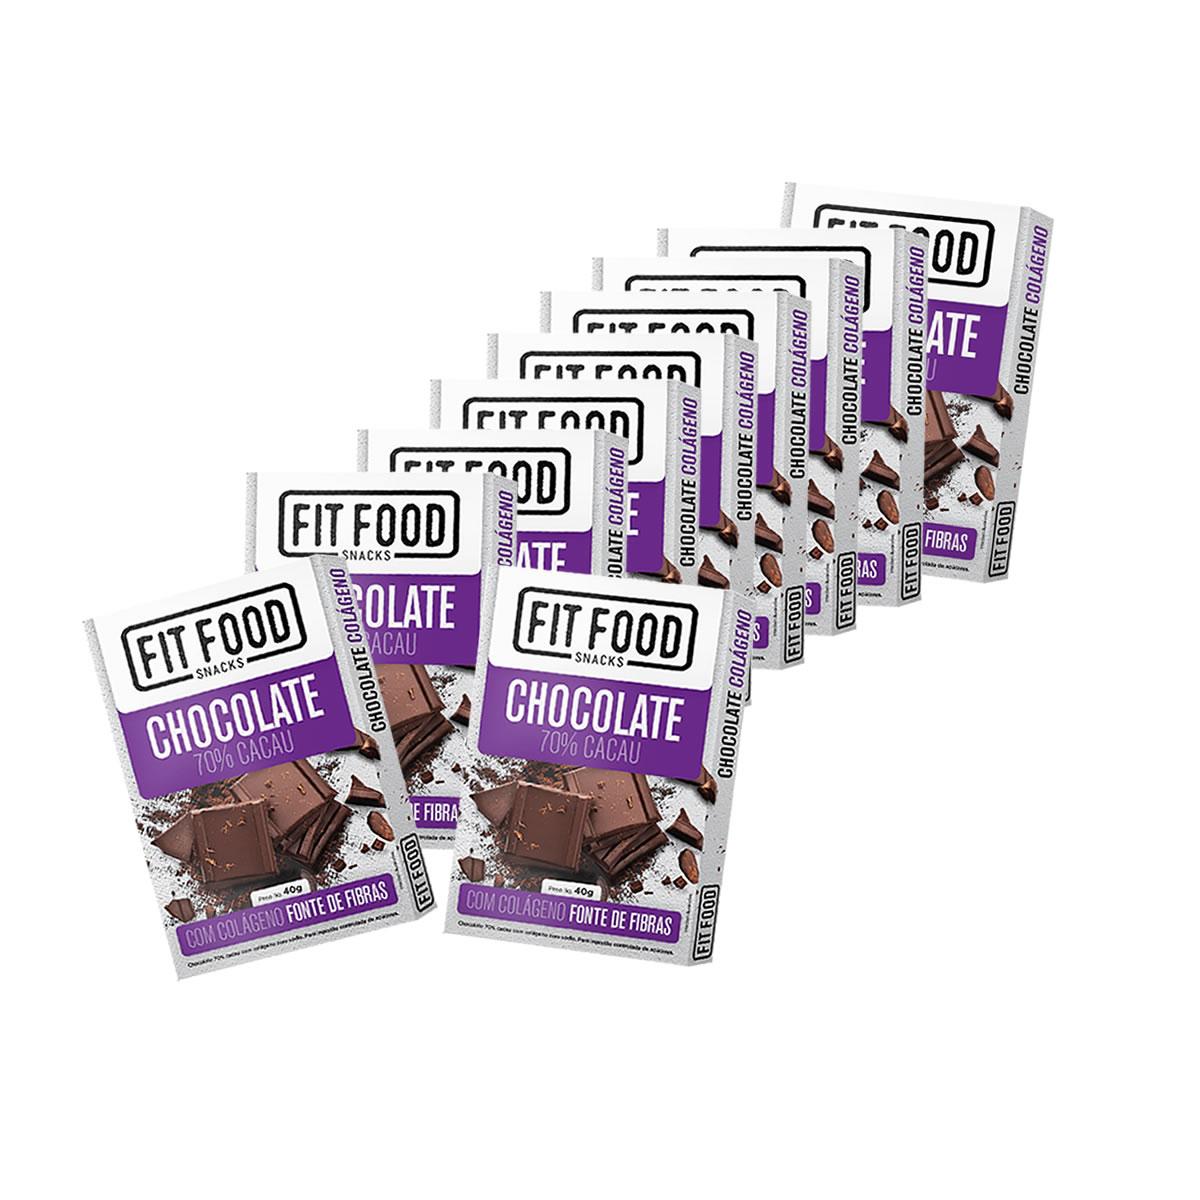 Chocolate Colágeno 70% Cacau Display com 10 un de 40g - Fit Food